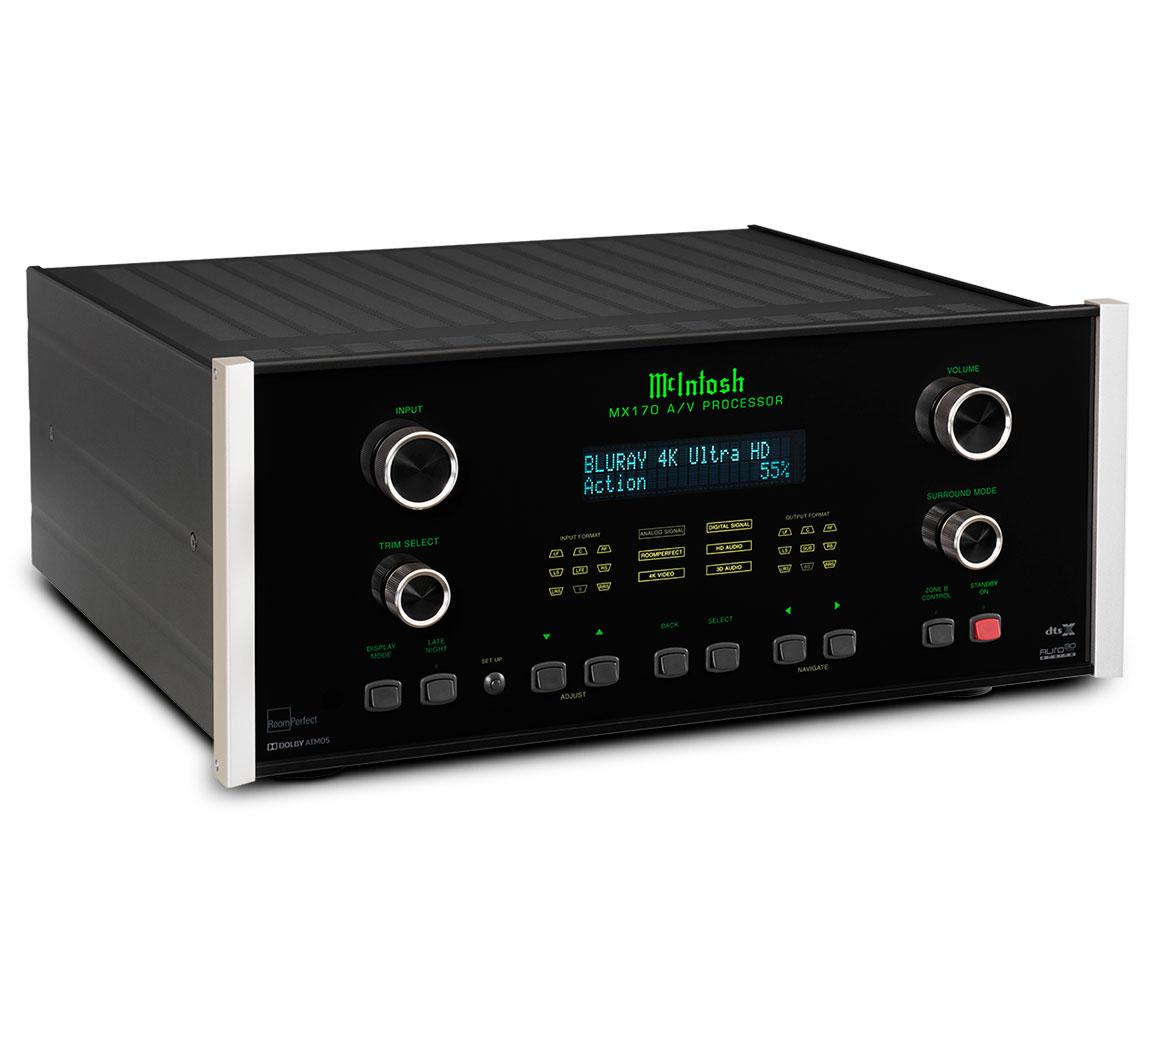 McIntosh MX170 przedwzmacniacz procesor AV